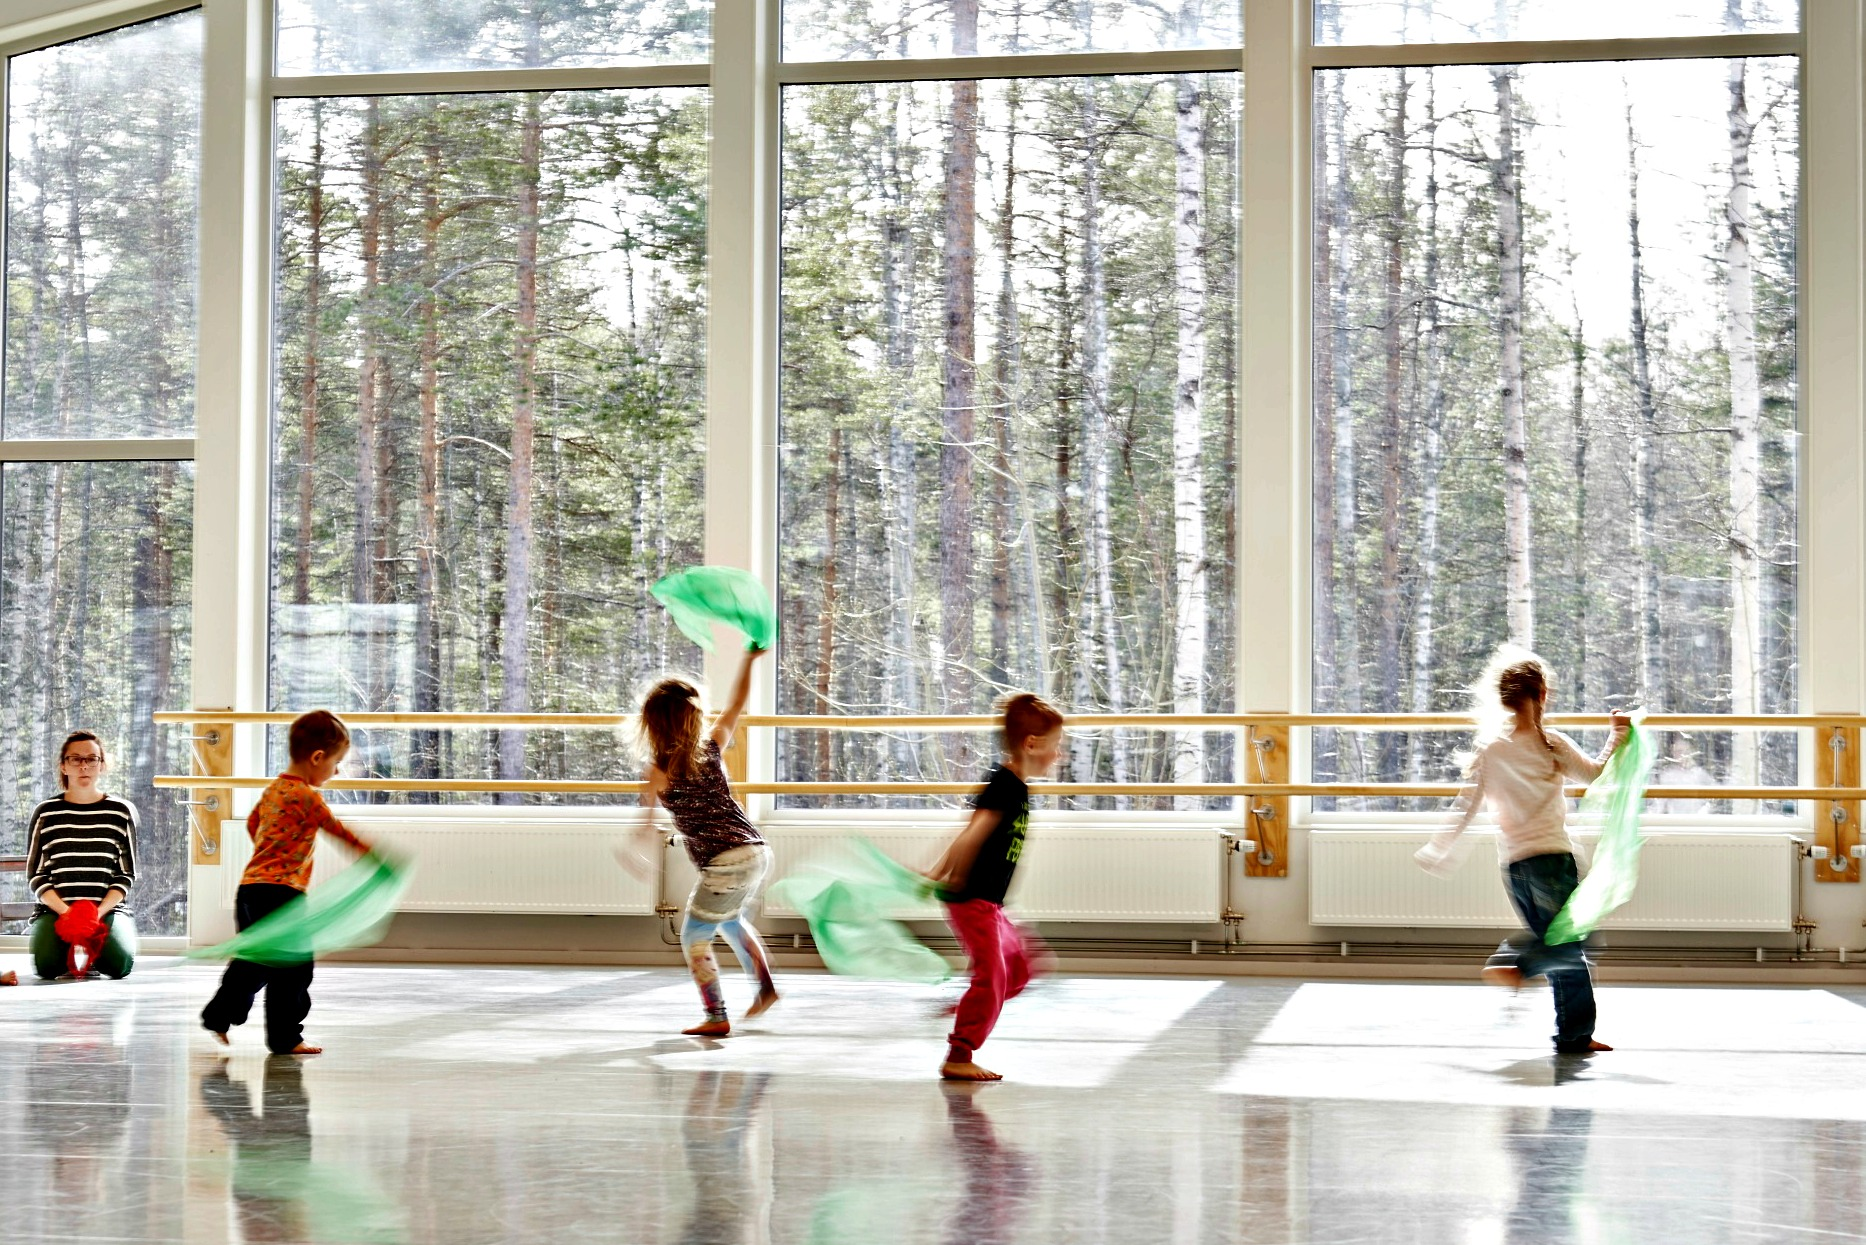 c428074e9519 Danskurs för barn och ungdomar arrangeras i Danslärarutbildningens vackra  danssalar på Musikhögskolan i Piteå veckan före Midsommar. Ni får dansa  varje dag ...